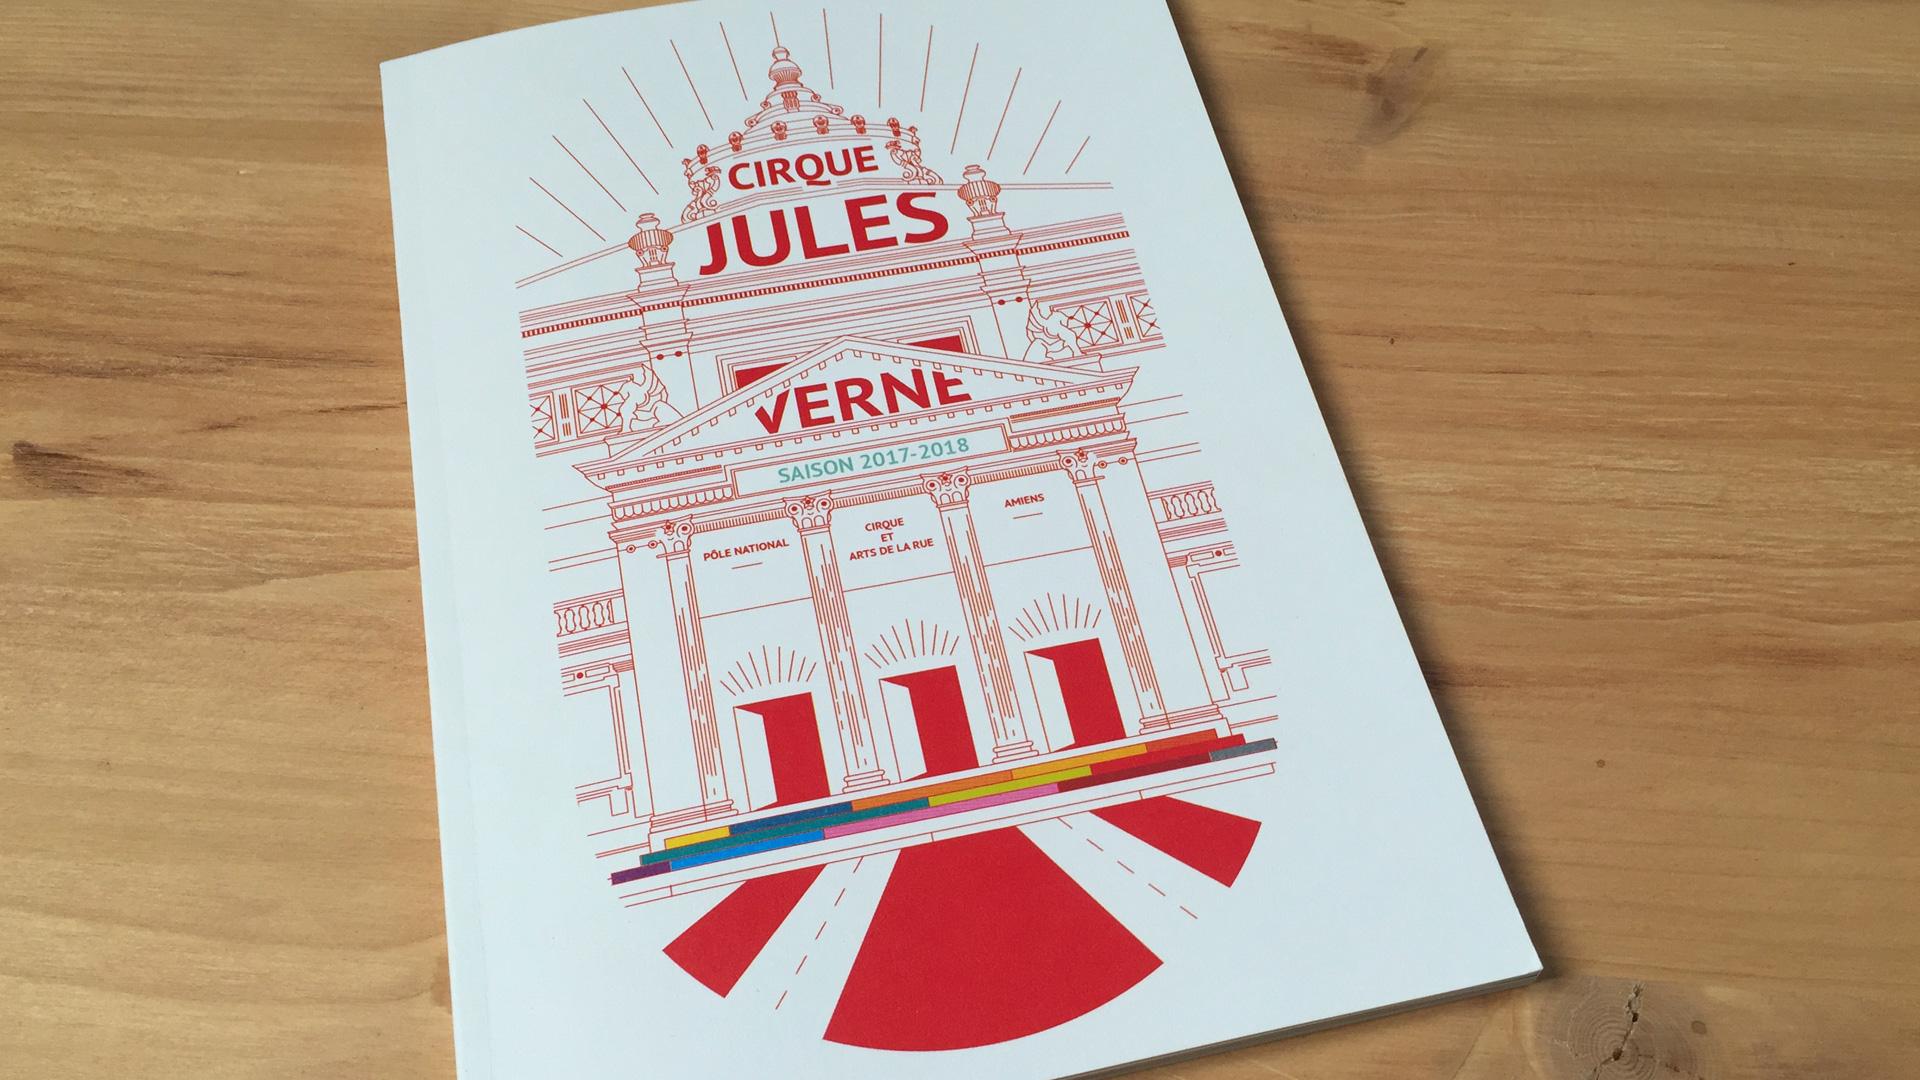 Cirque Jules Verne – Amiens